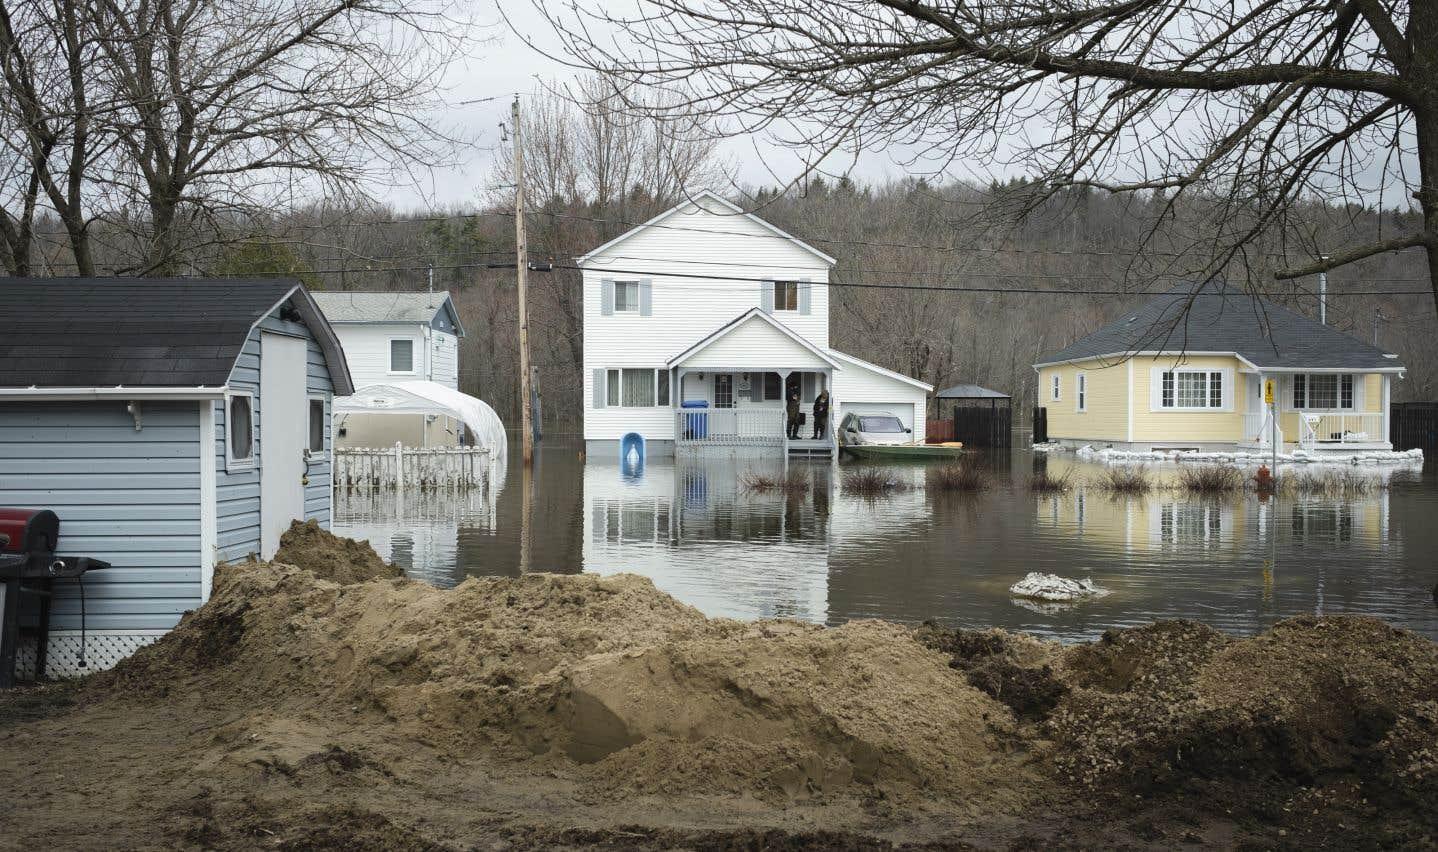 Dans la municipalité de Lachute, 85 résidences étaient inondées jeudi, dont 55 se trouvaient isolées.